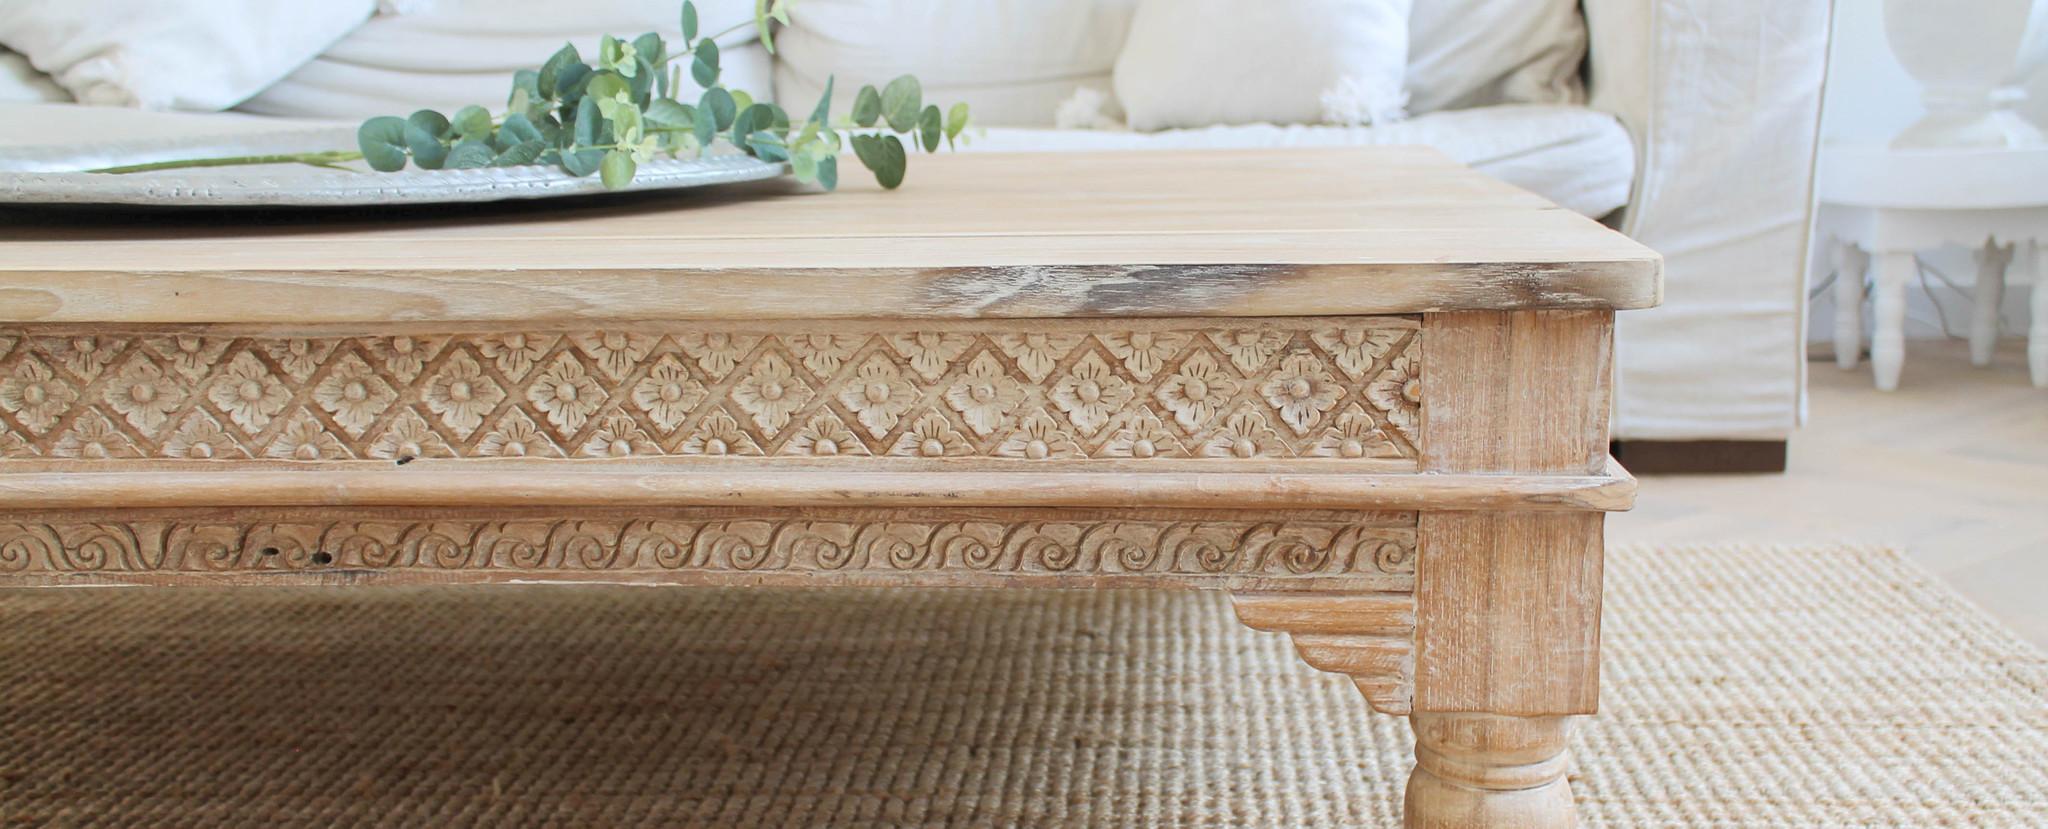 SIMPLY PURE Houtsnijwerk houten wandpanelen wanddecoratie wandkunst